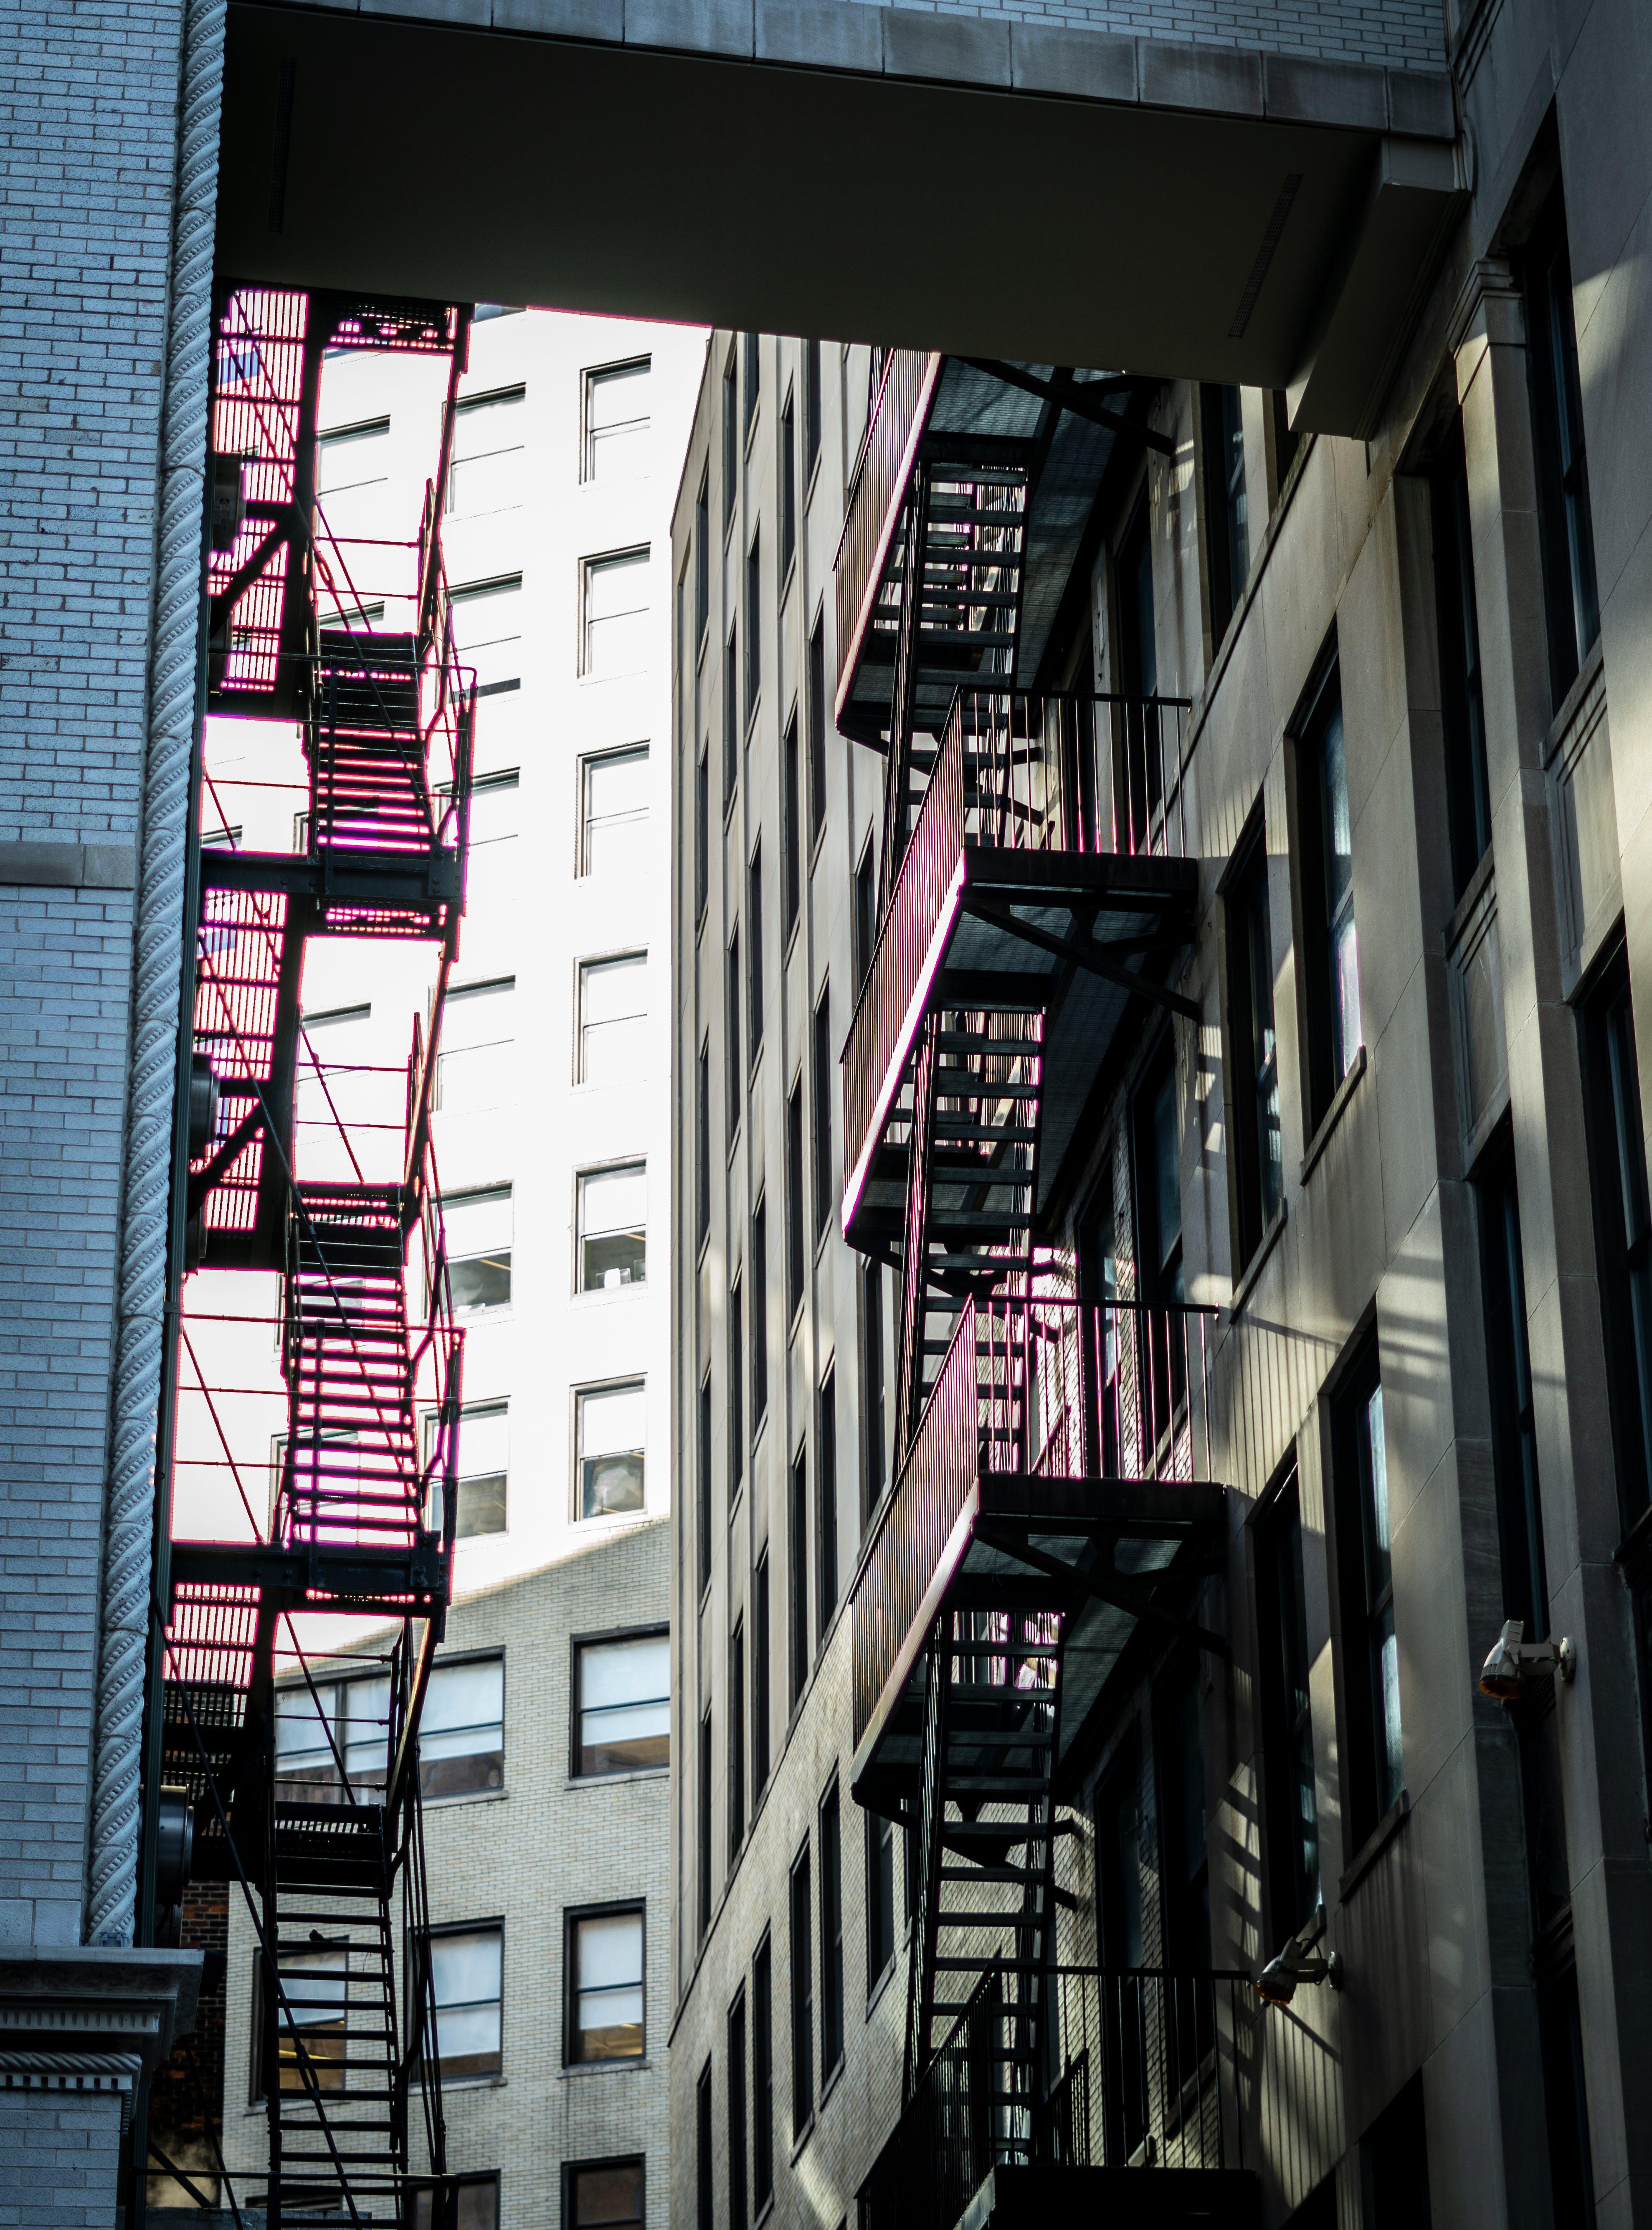 건물, 건축, 계단, 비상계단의 무료 스톡 사진